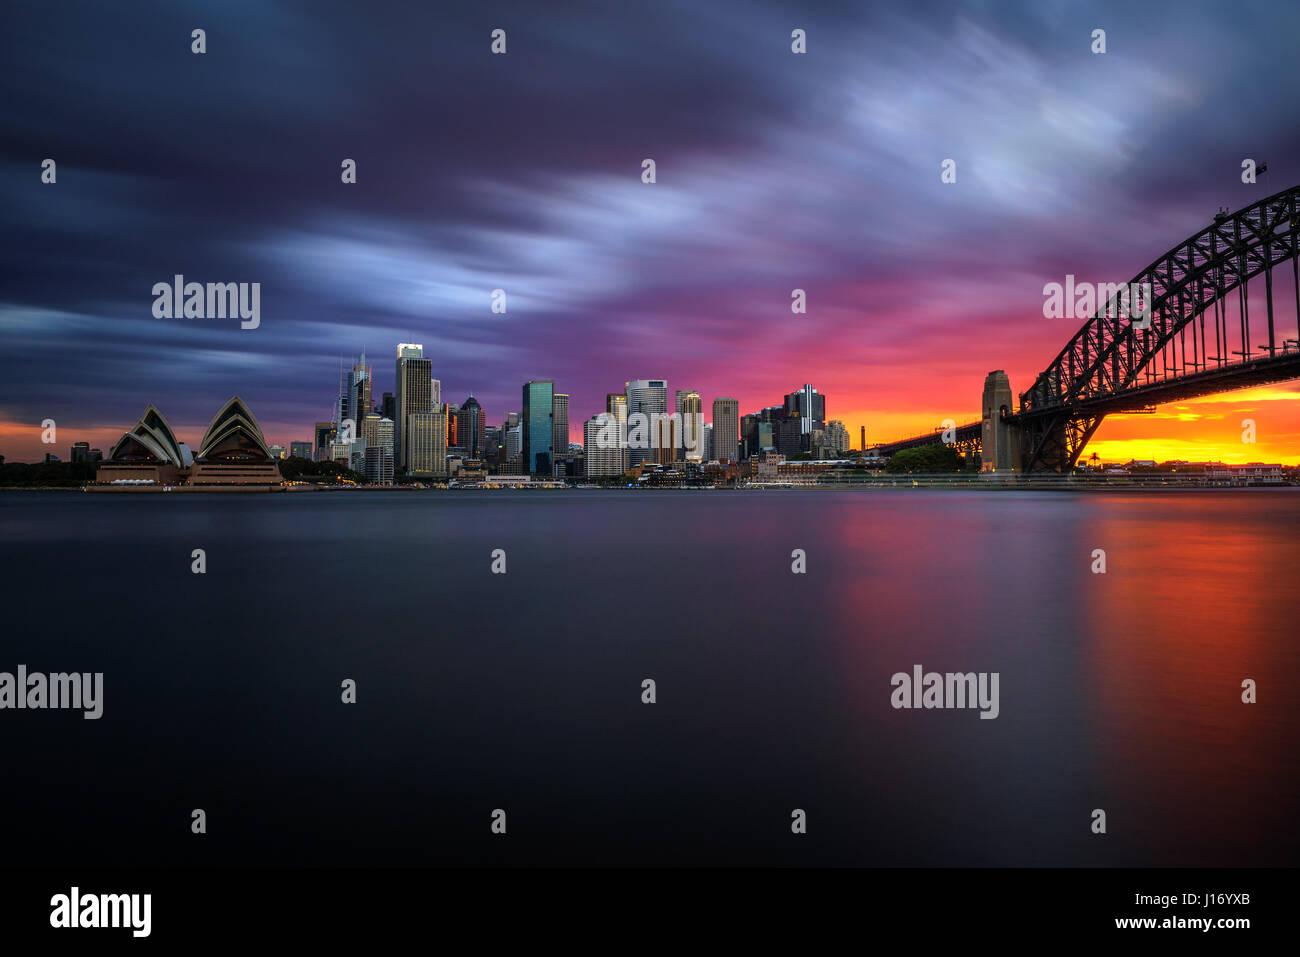 Le centre-ville de Sydney skyline coucher du soleil avec le Harbour Bridge, NSW, Australie. Longue exposition. Photo Stock